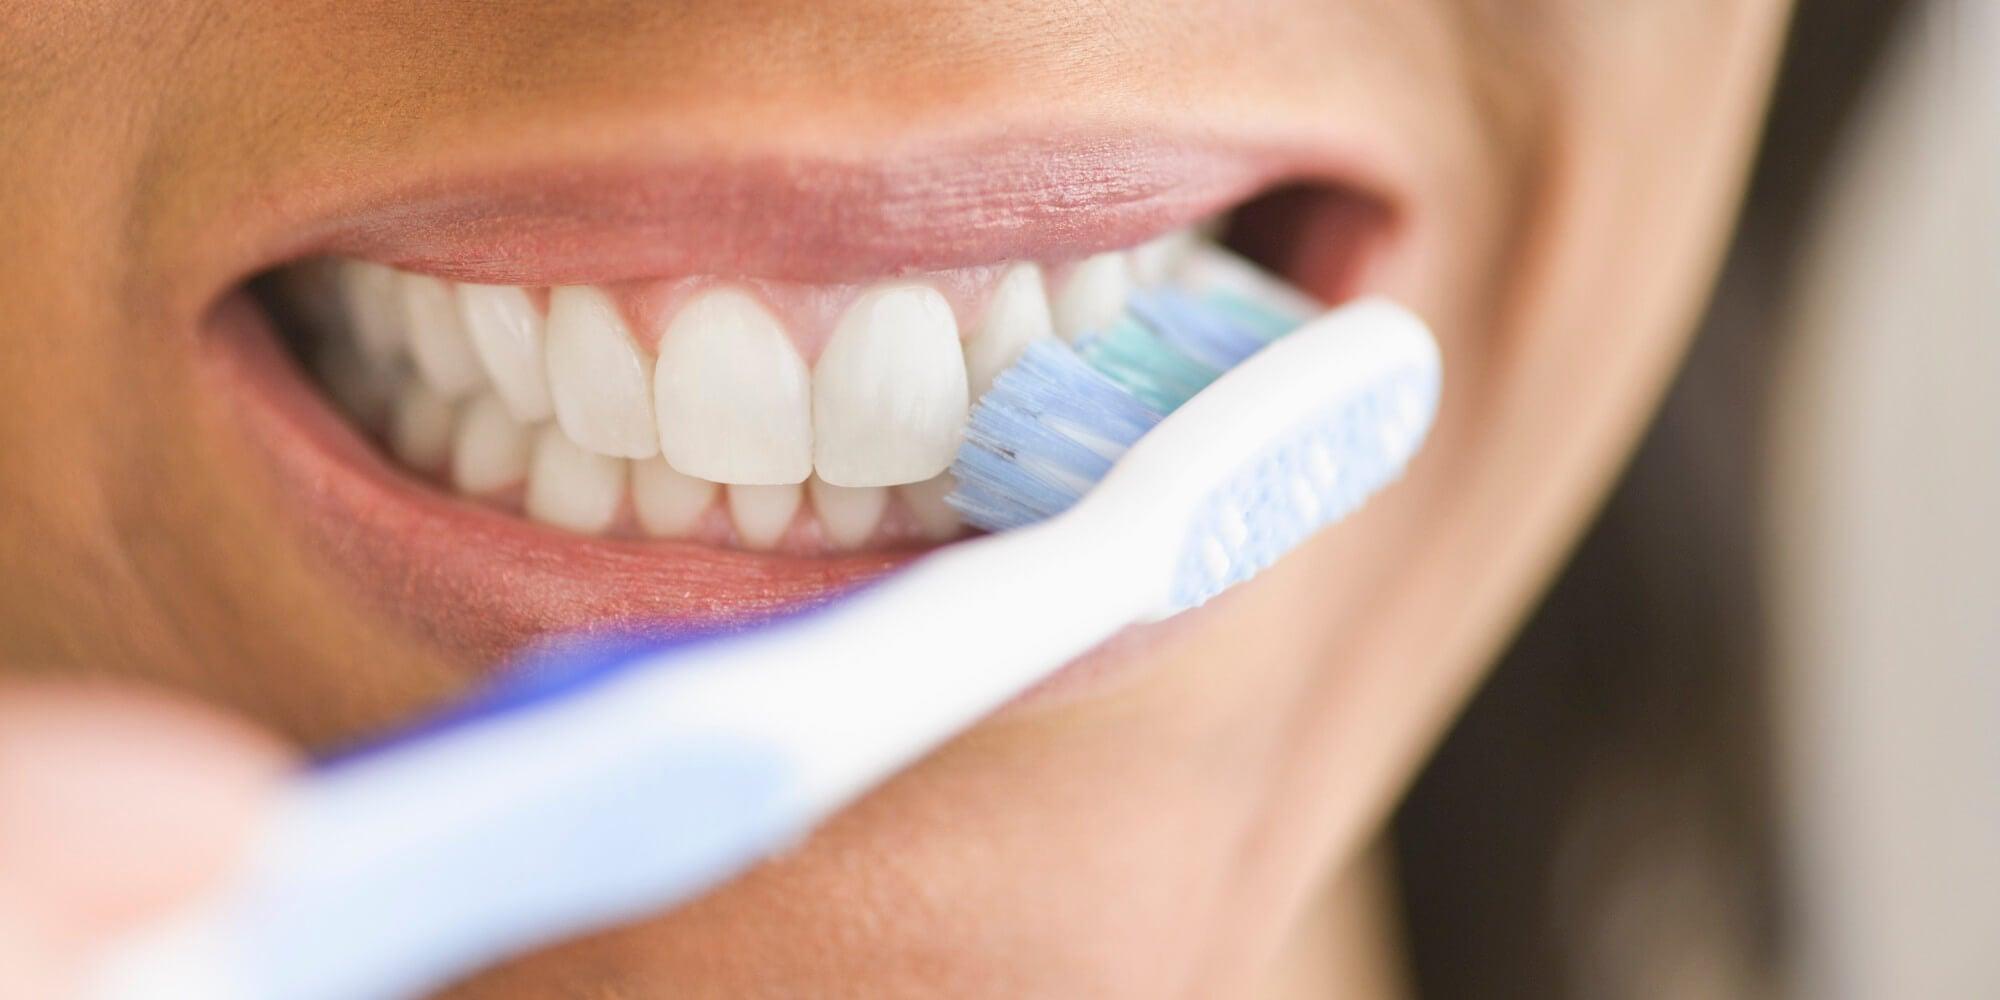 https://mejorconsalud.com/wp-content/uploads/2015/12/%C2%BFQu%C3%A9-ocurre-en-tu-cuerpo-si-te-dejas-de-lavar-los-dientes-por-mucho-tiempo.jpg